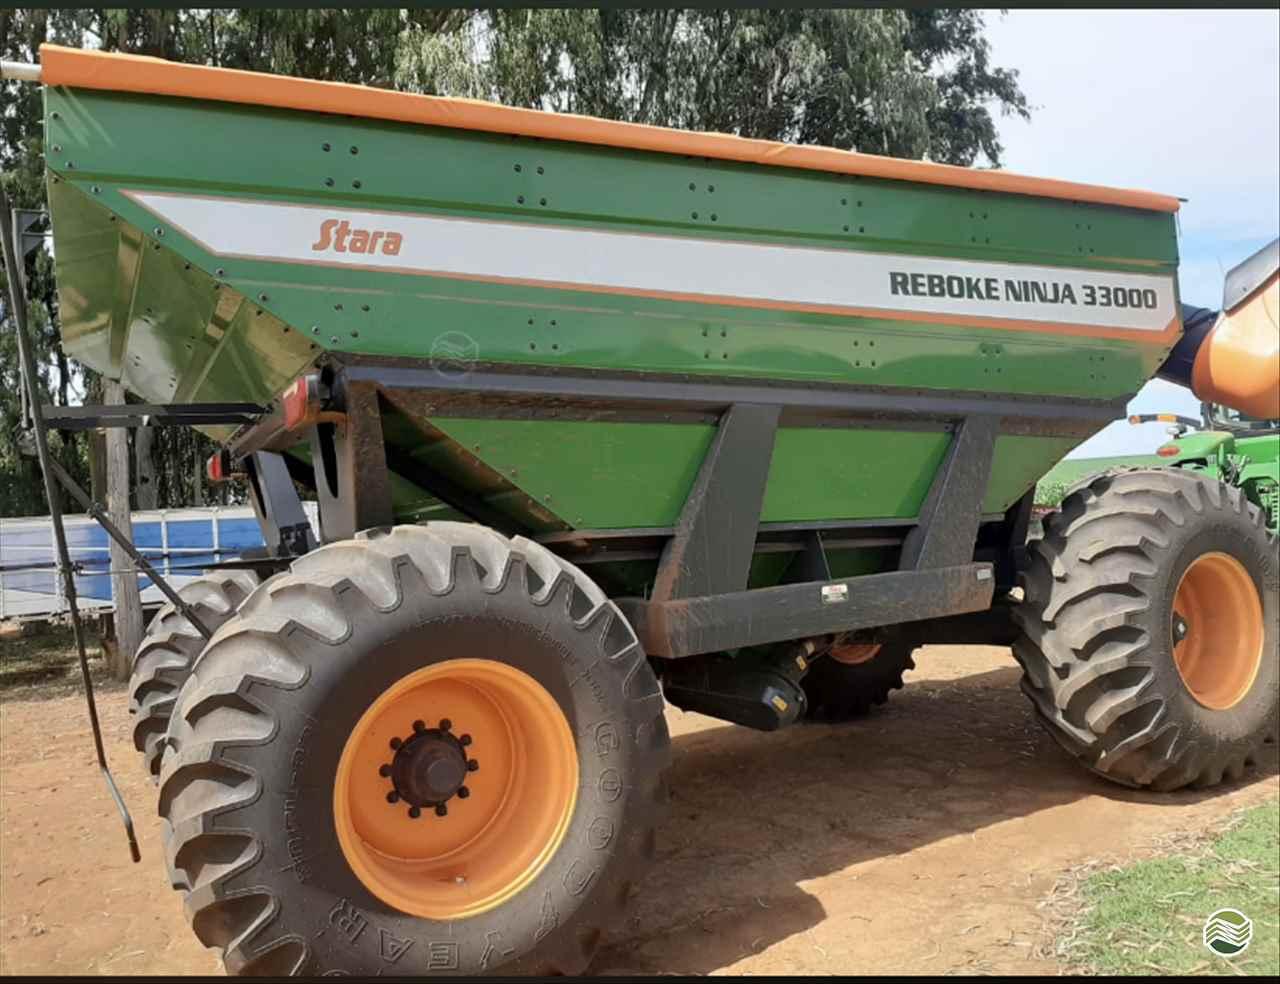 IMPLEMENTOS AGRICOLAS CARRETA BAZUKA GRANELEIRA 33000 GPS Máquinas CAMPO VERDE MATO GROSSO MT